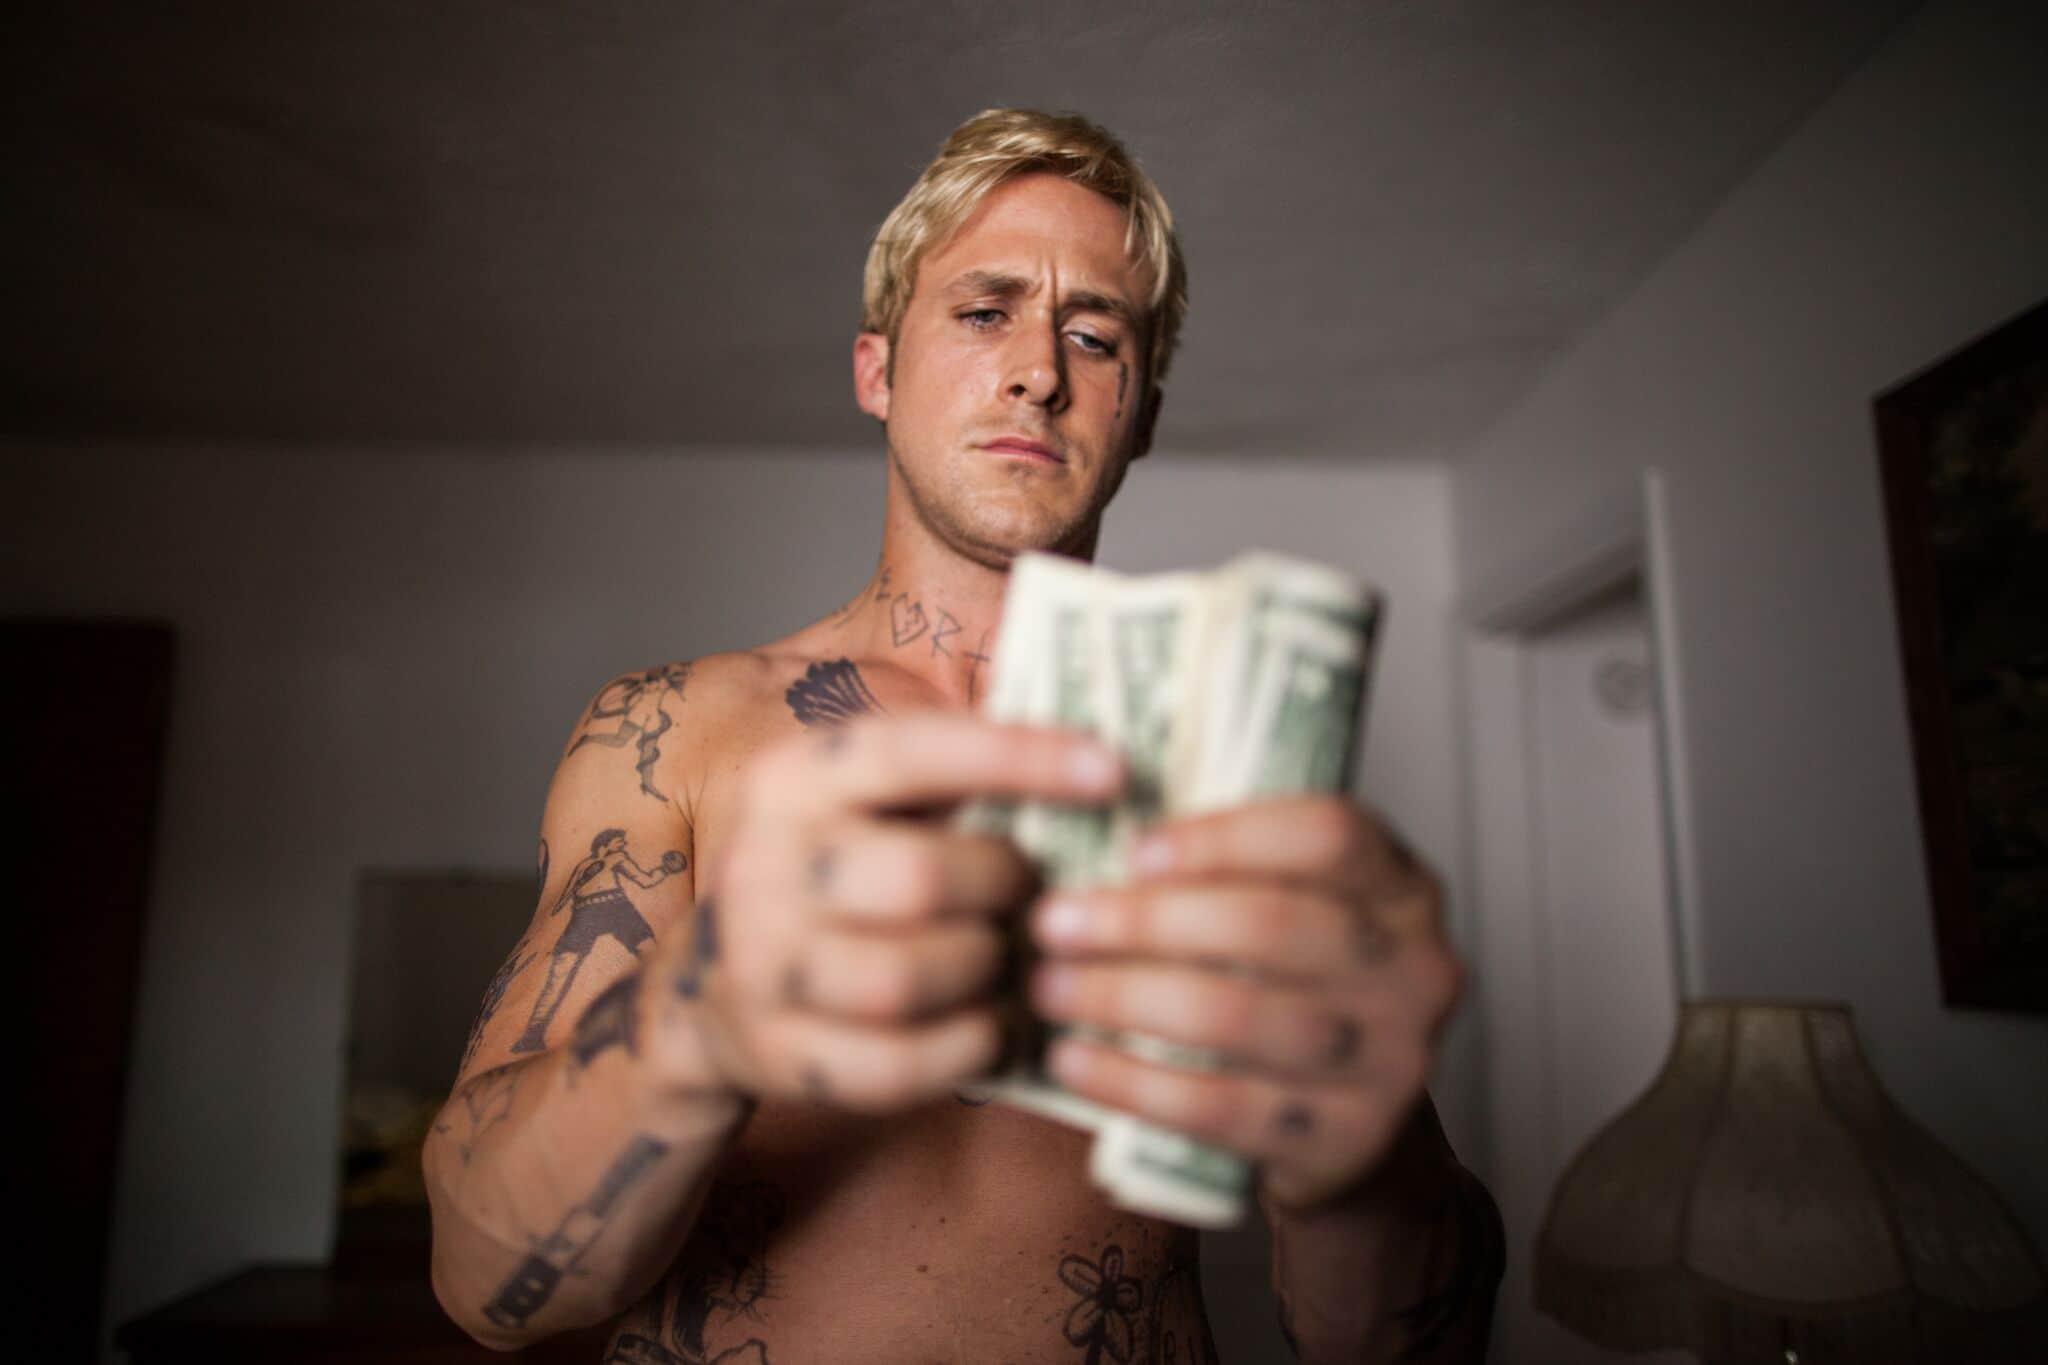 Luke (Ryan Gosling) steht oberkörperfrei in einem schlicht eingerichteten Raum und zählt konzentriert Geldscheine.